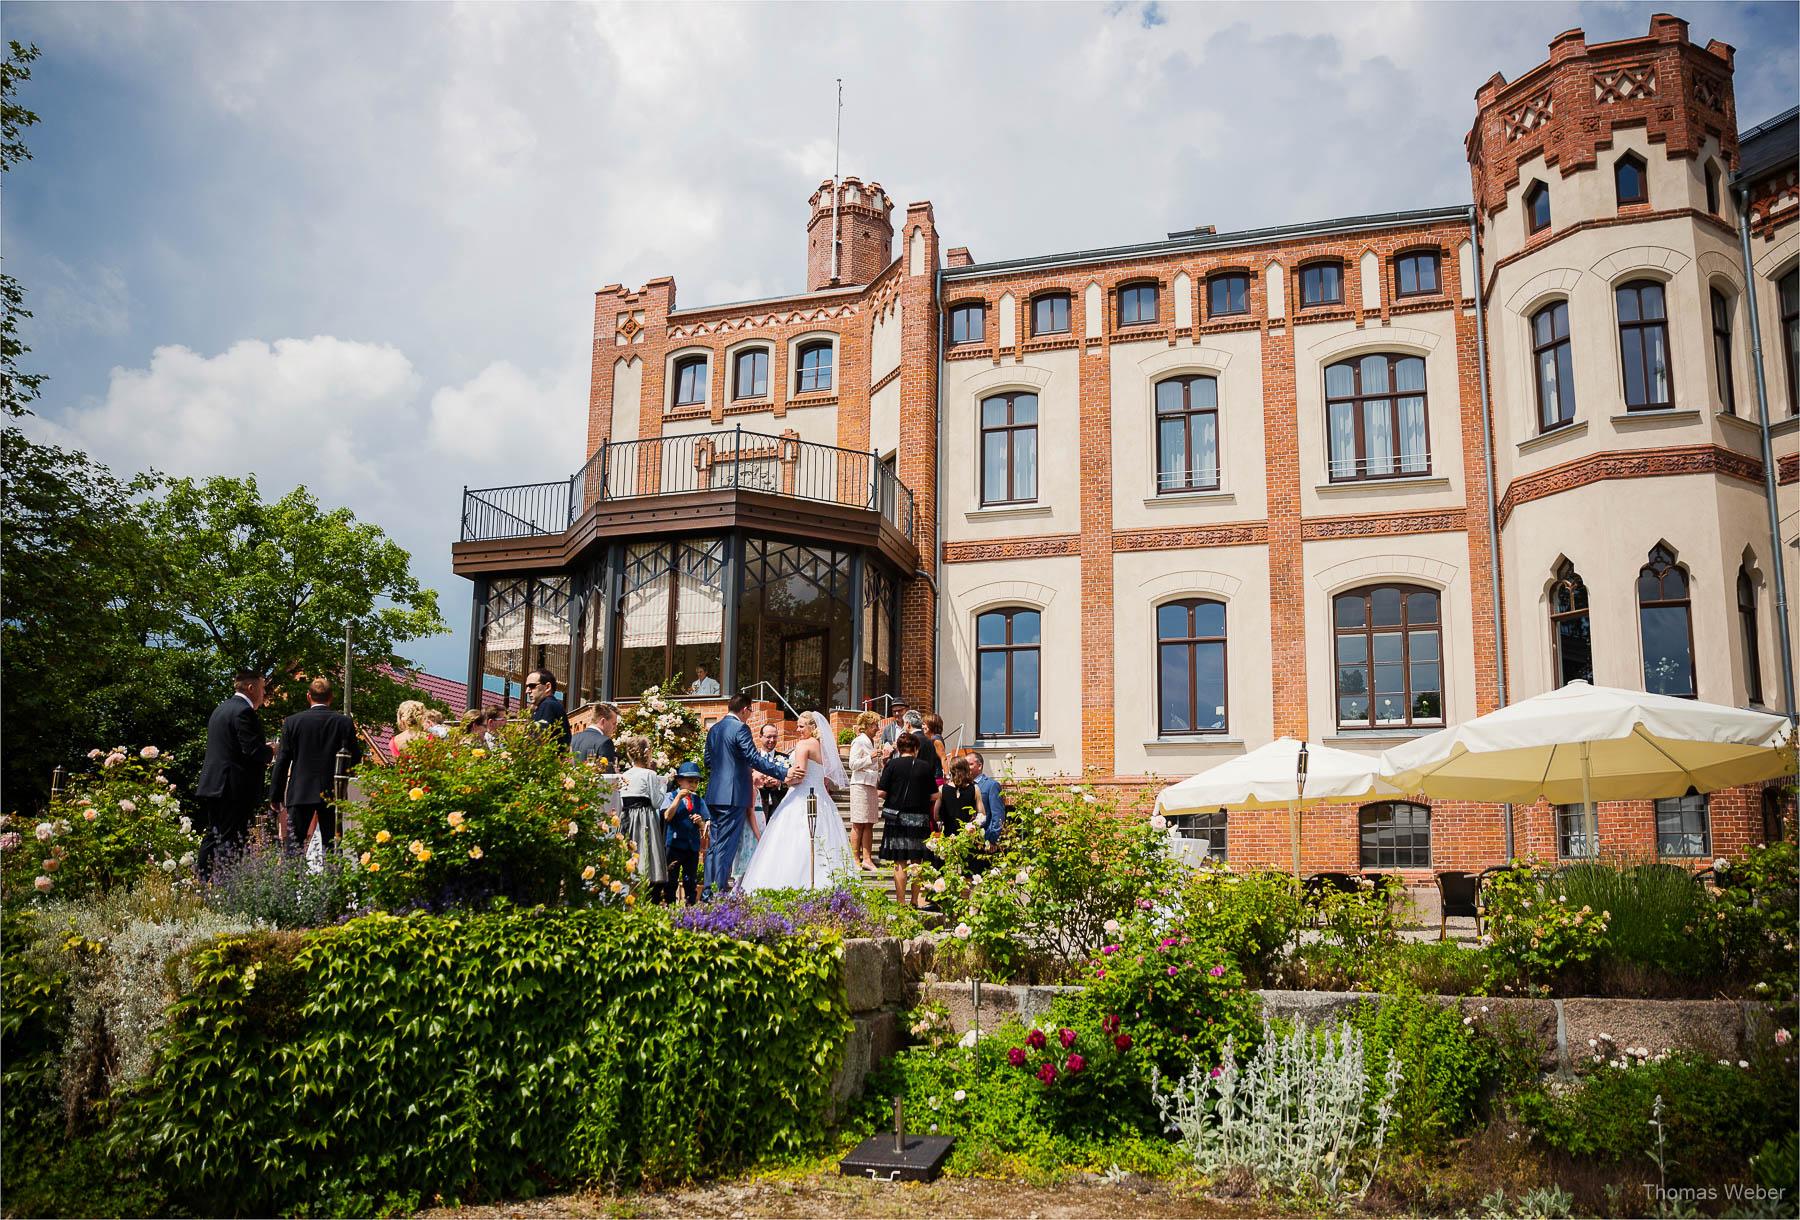 Hochzeitsfotograf bei einer Hochzeit auf Schloss Gamehl an der Ostsee: Gratulationen und Spiele der Hochzeitsgäste